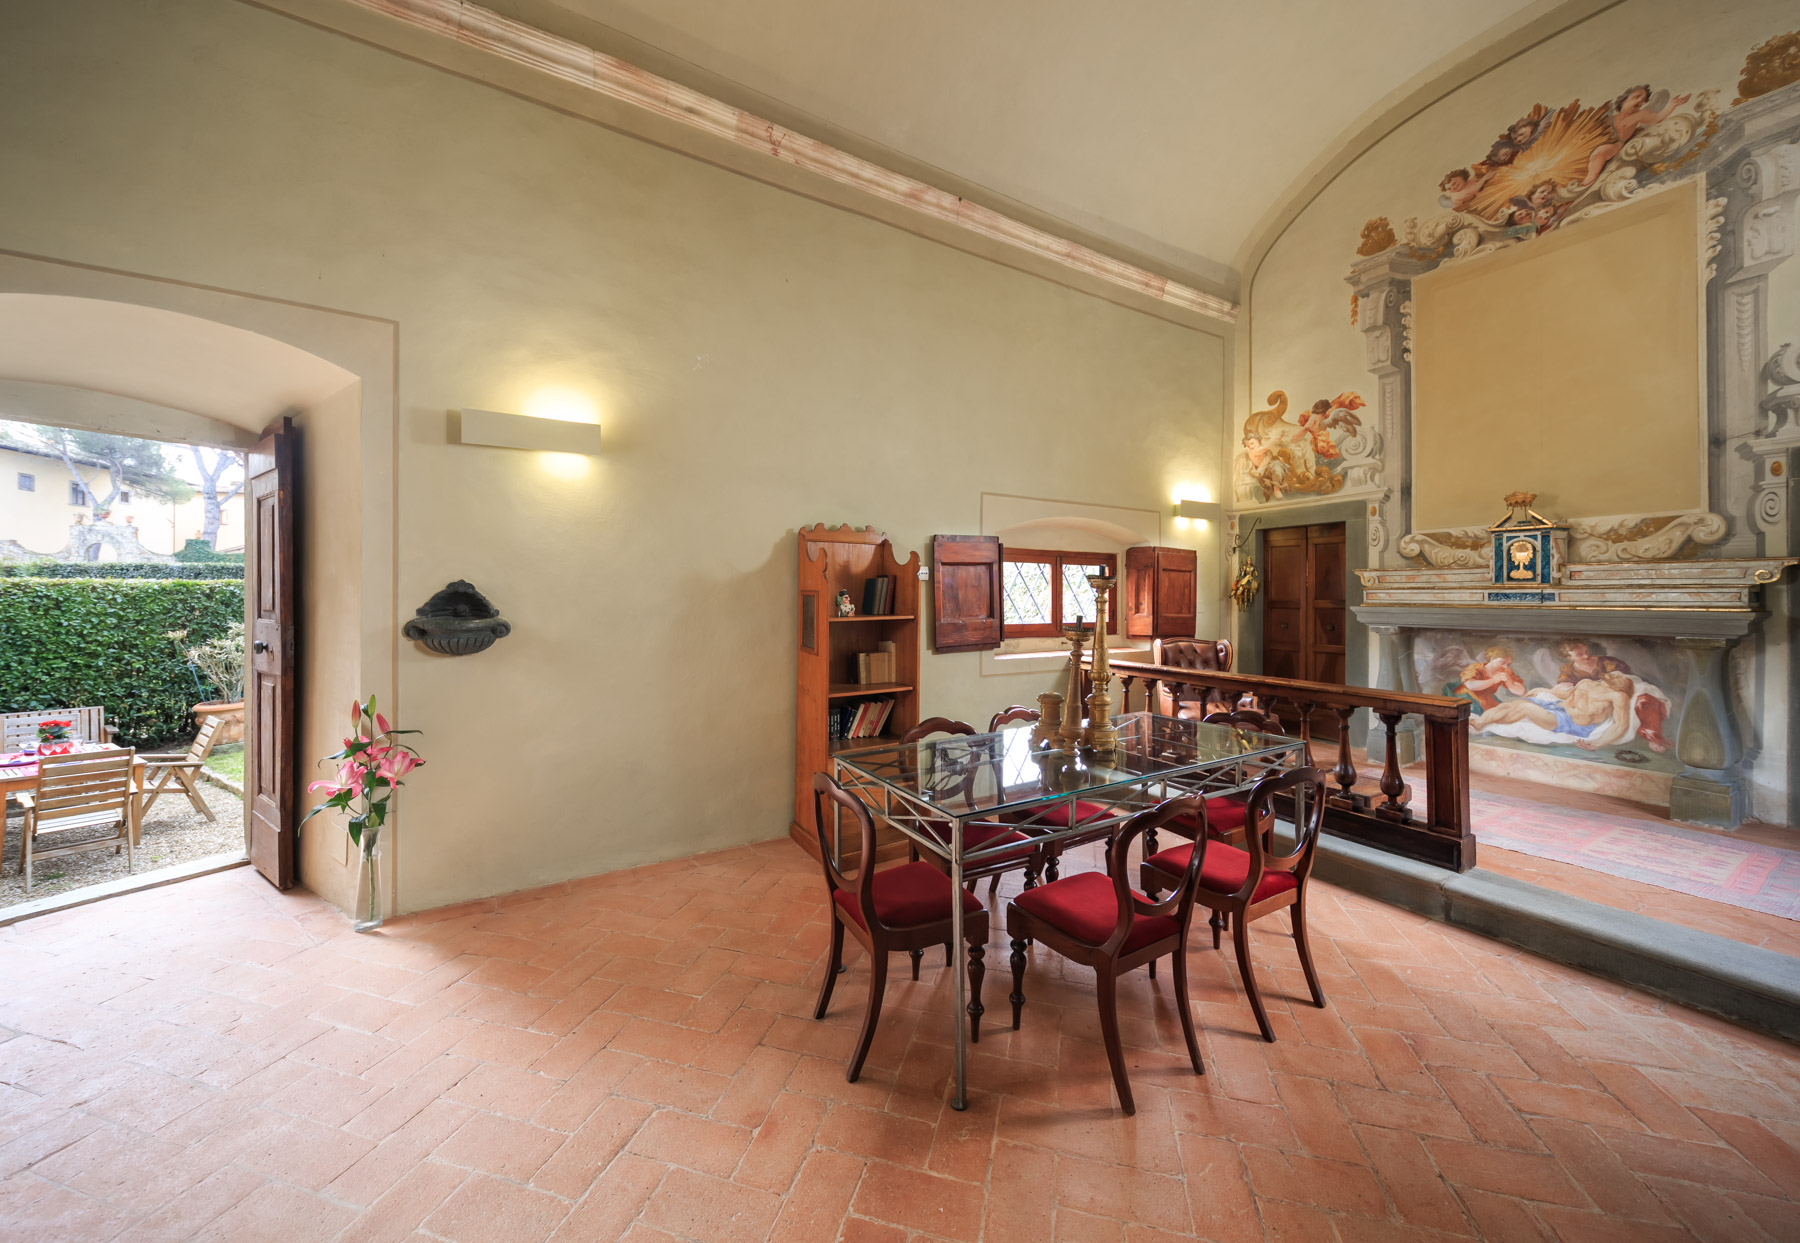 Rustico in Vendita a Firenze: 5 locali, 230 mq - Foto 5